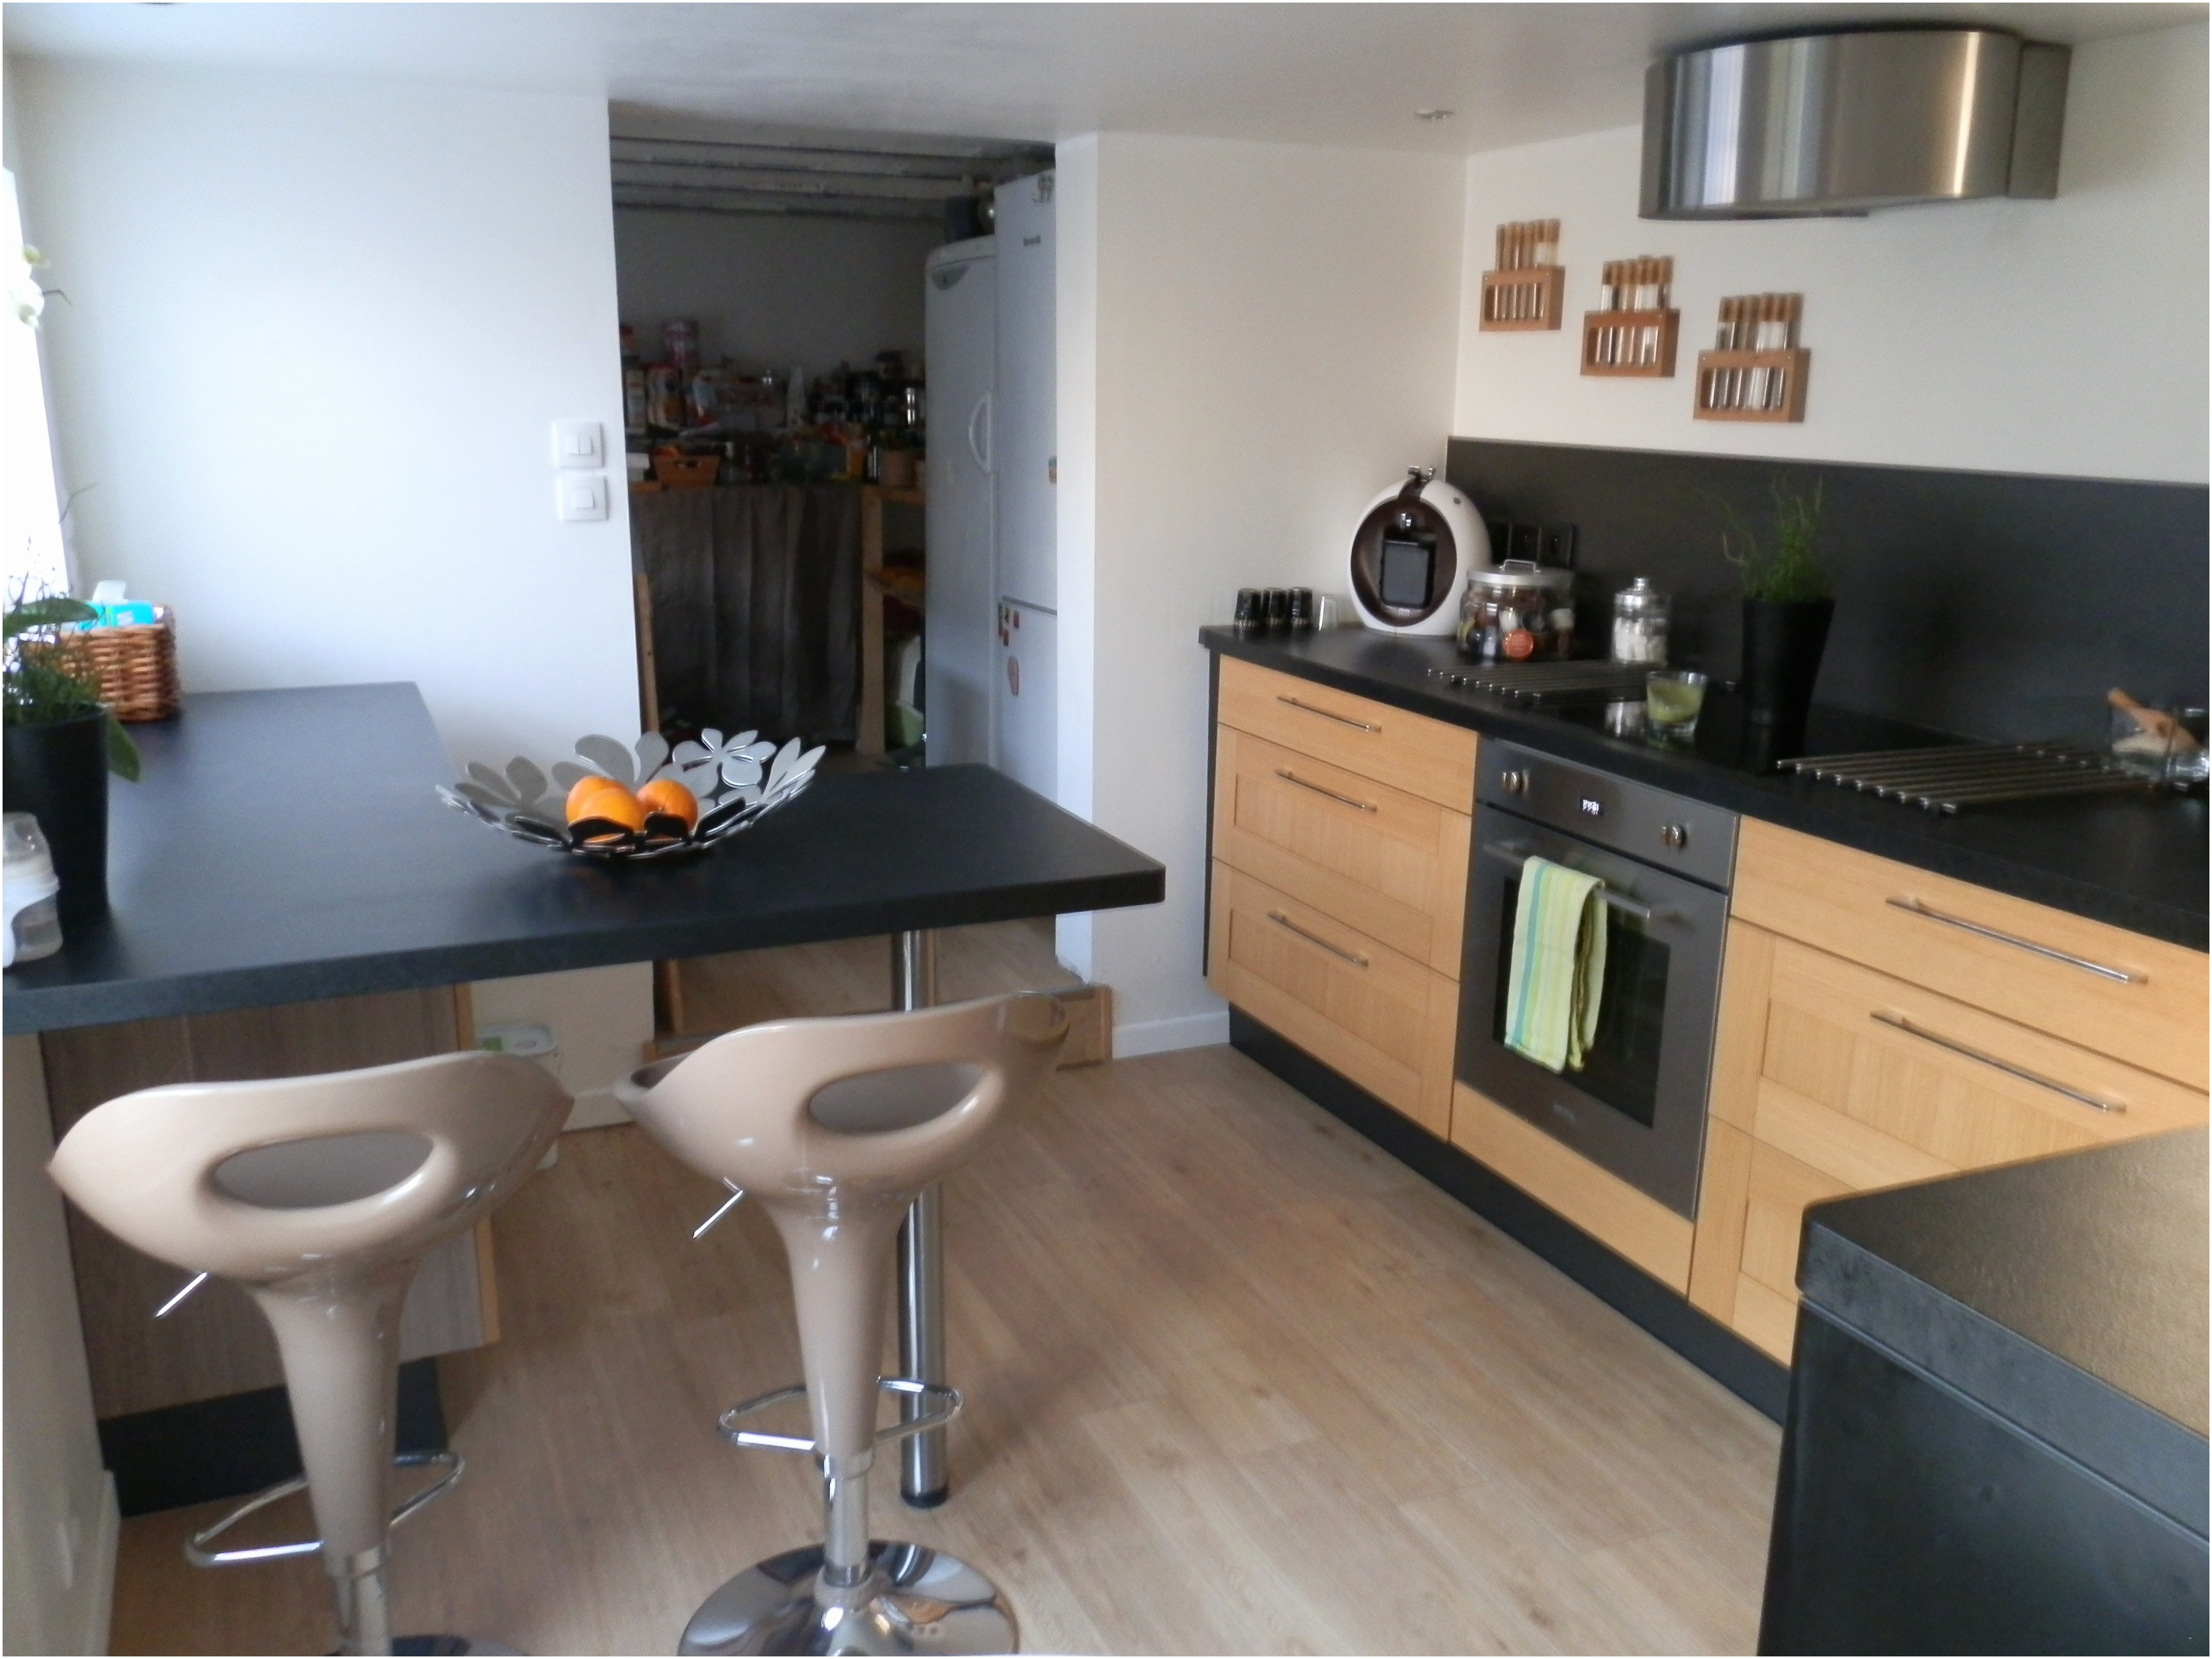 Devis Cuisine Castorama Luxe Photos Ikea Cuisine Electromenager Beau 25 attrayant Devis Cuisine